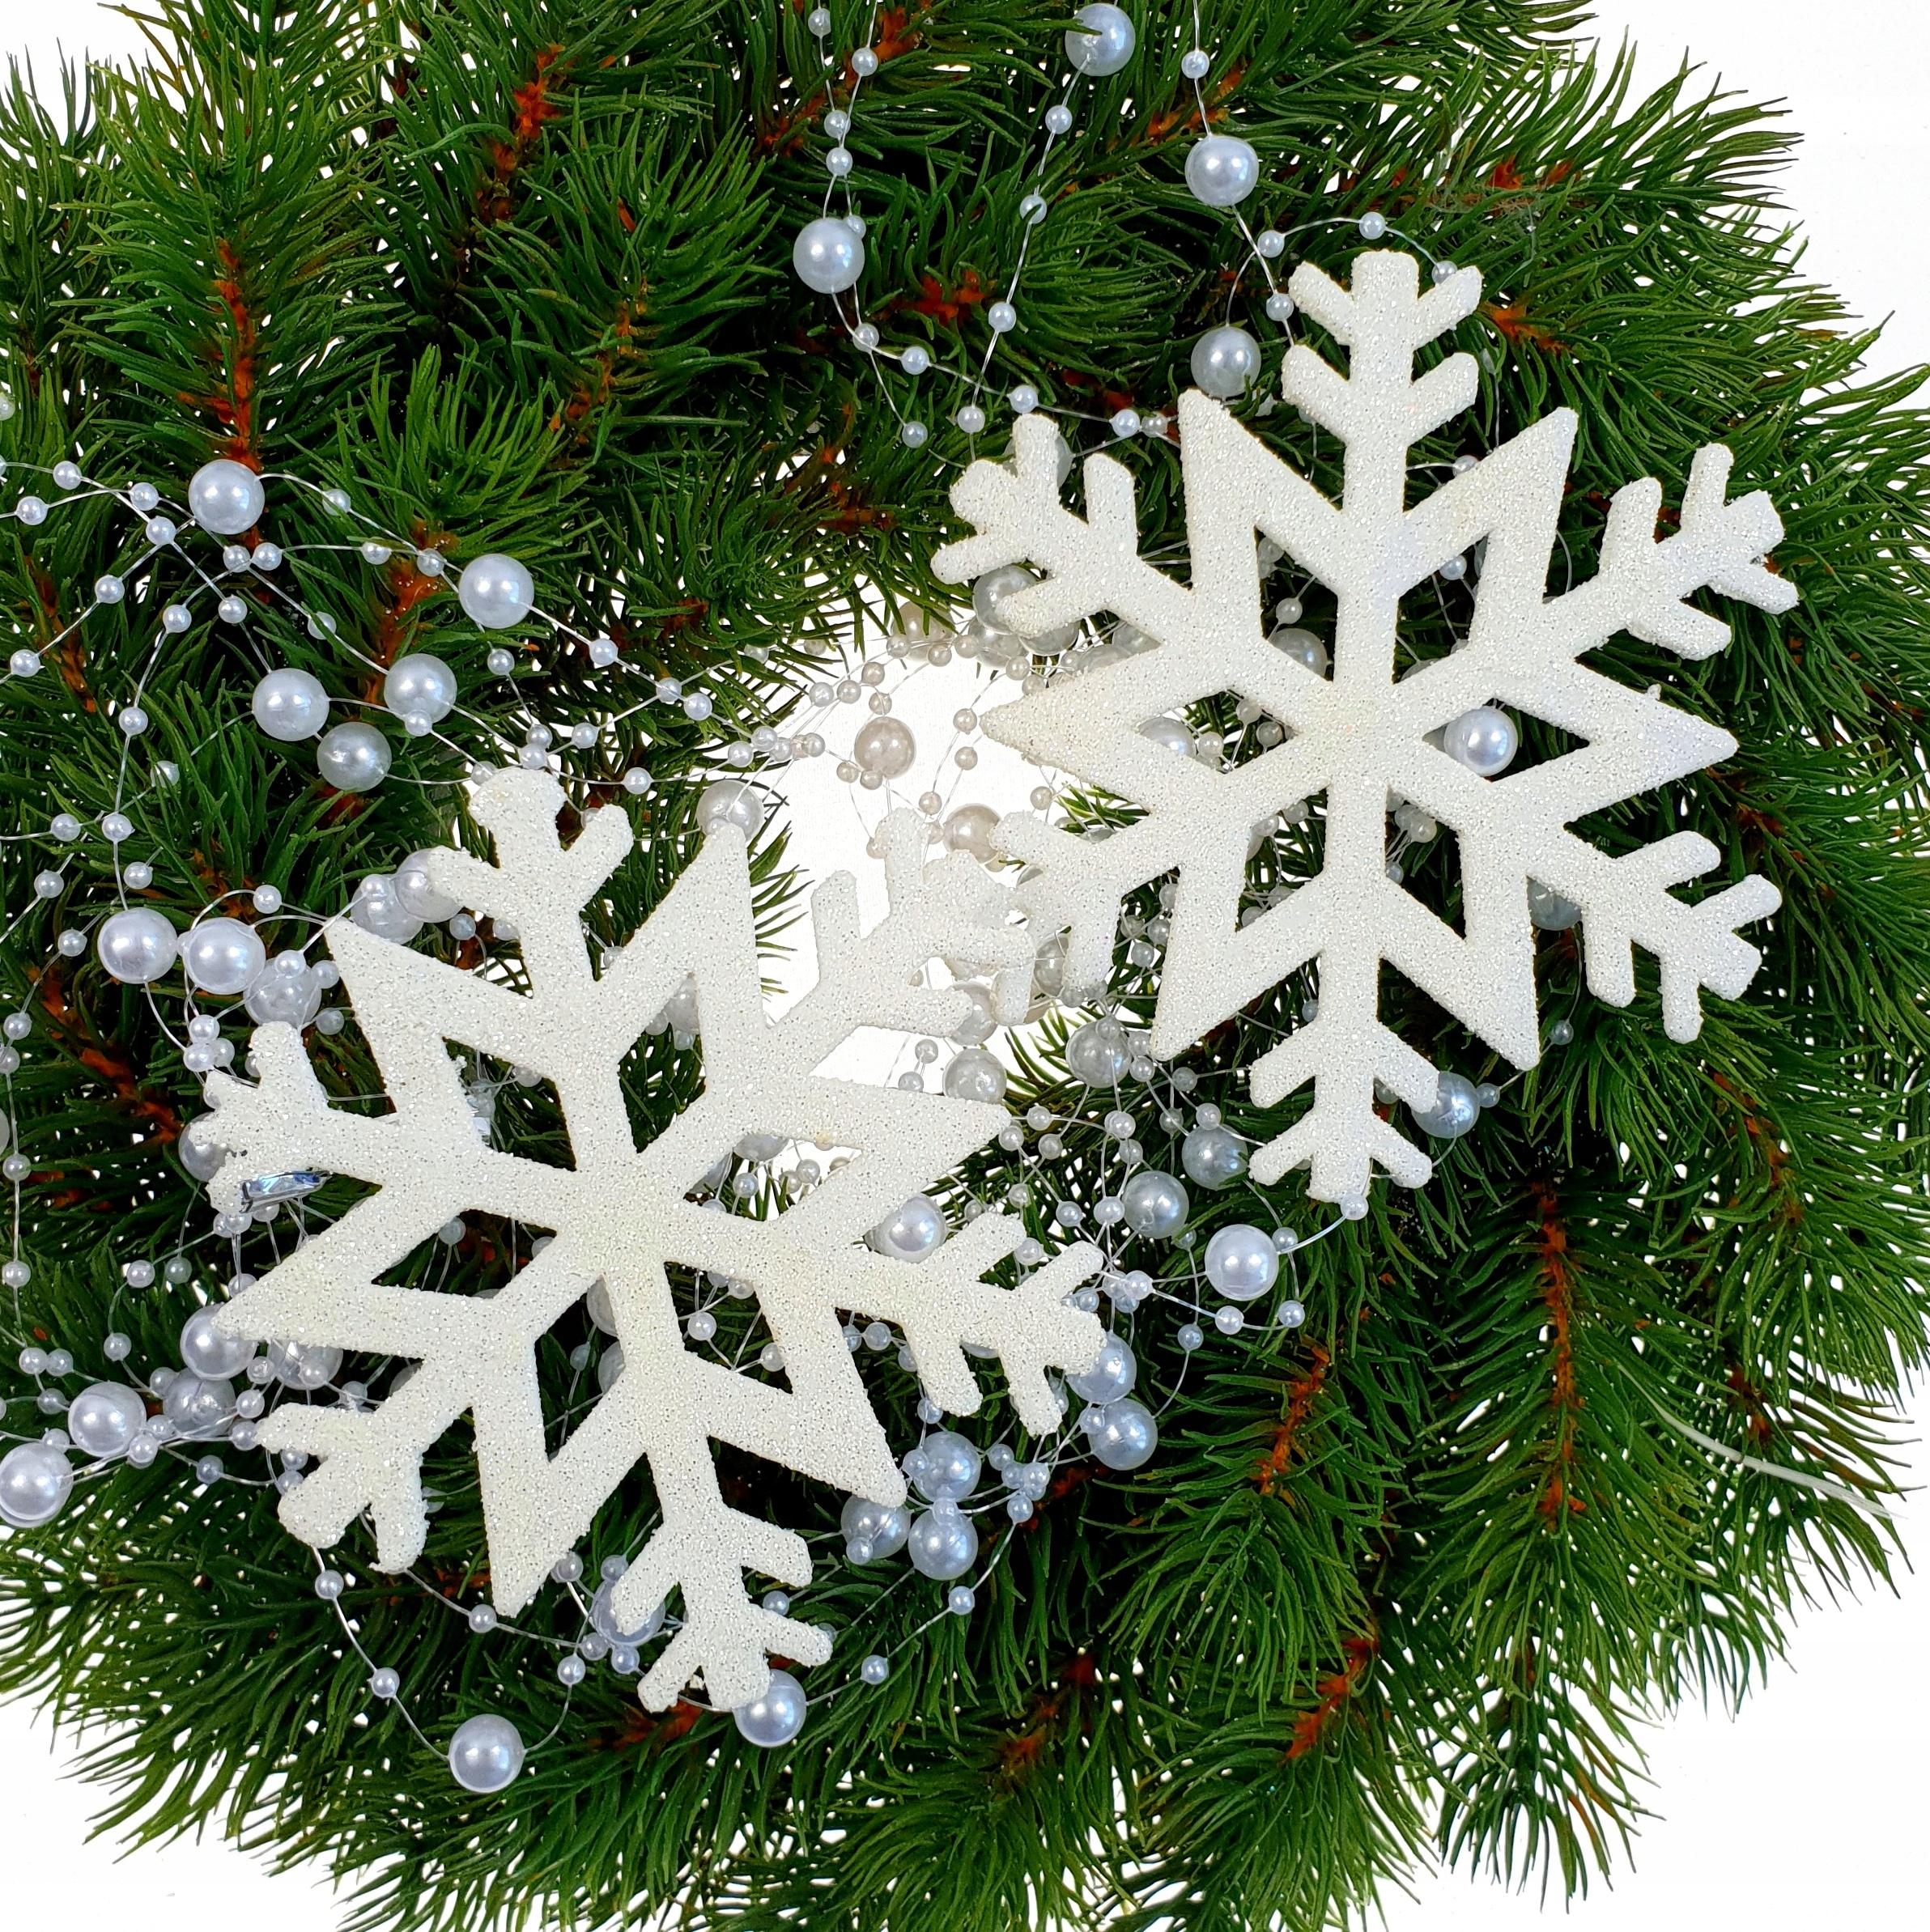 Zawieszka śnieżynka Dekoracja Choinka święta 2 Szt